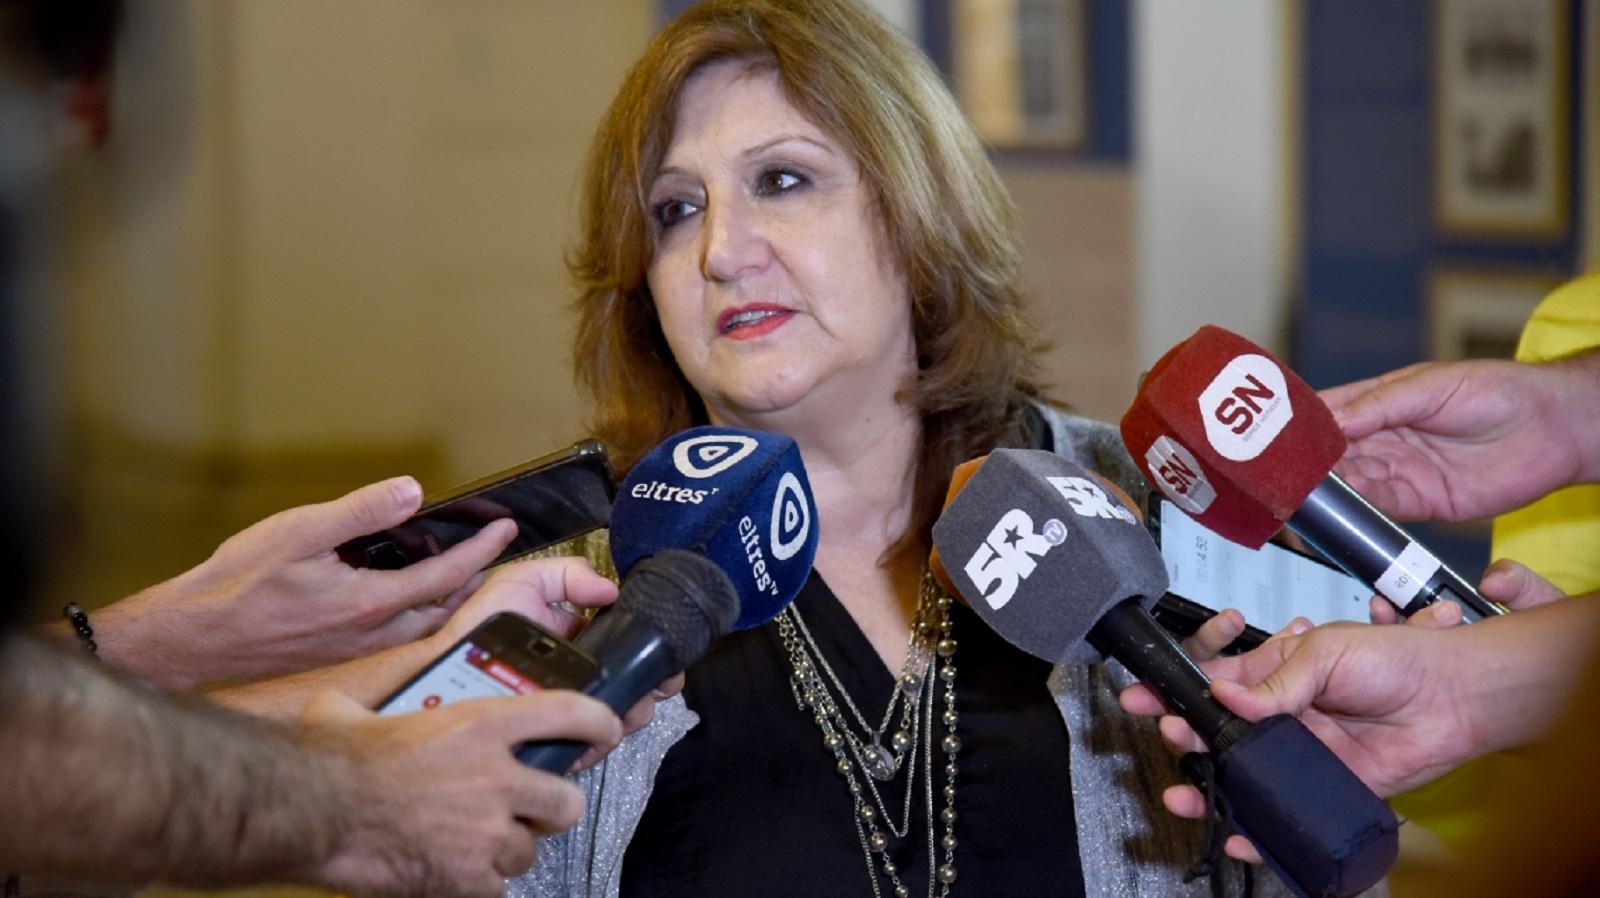 La ministra confirmó que en breve se convocará a una nueva reunión